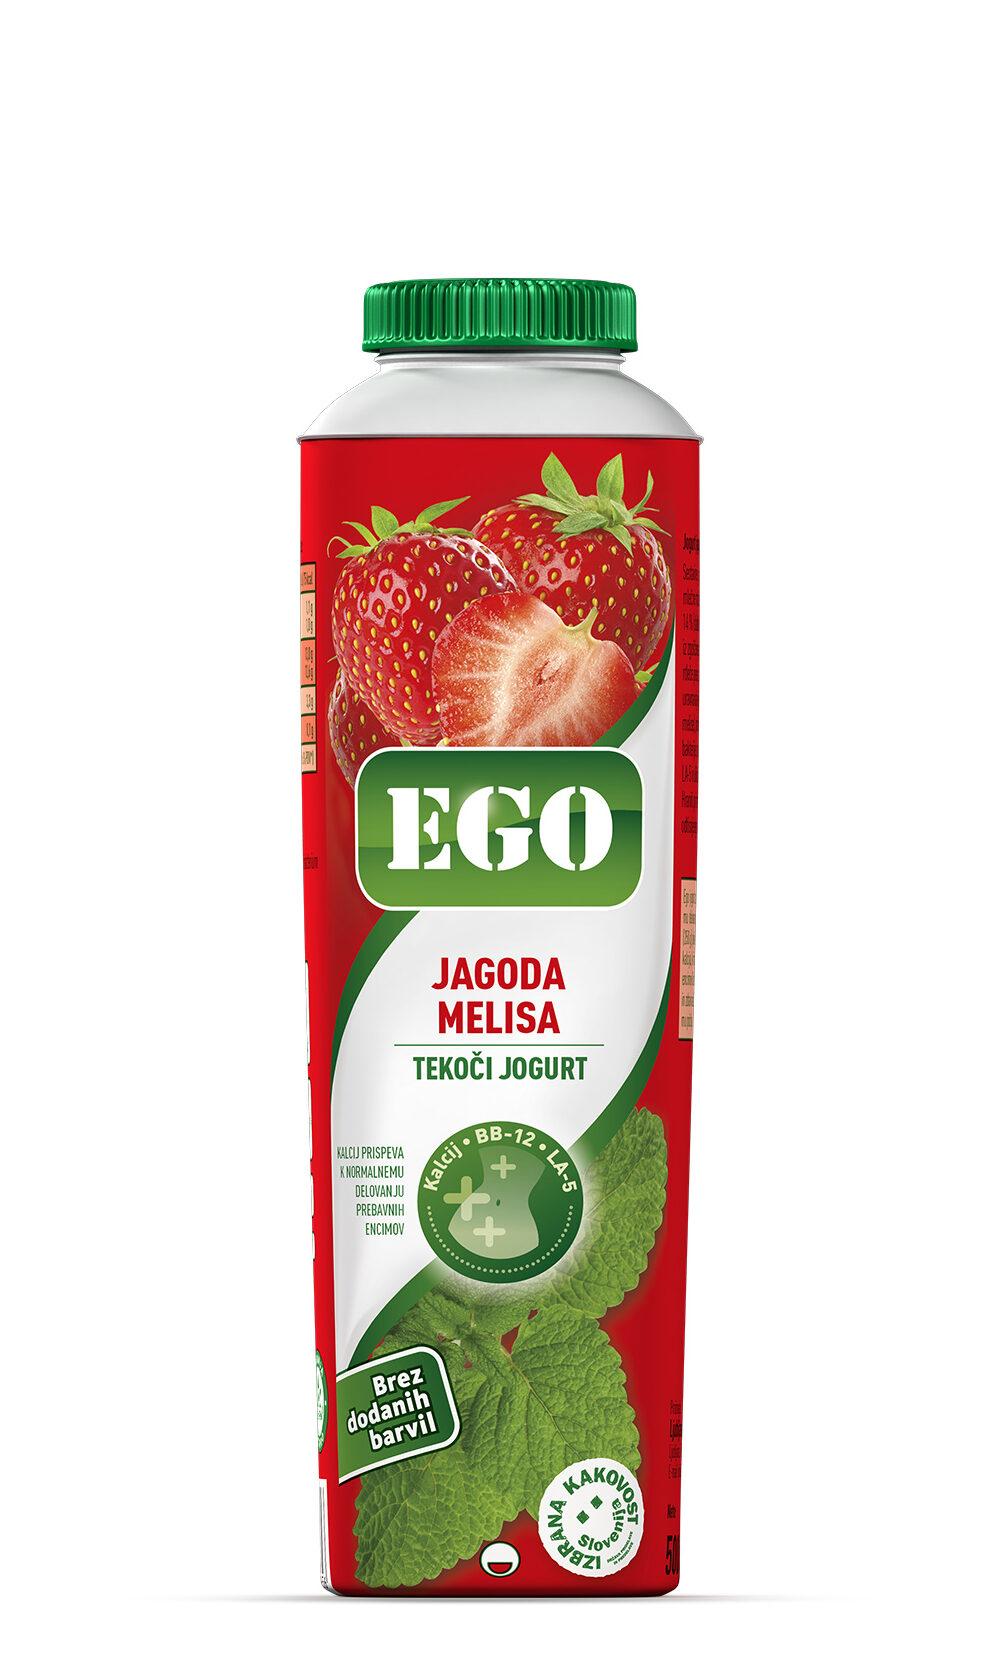 Ego, jagoda, melisa